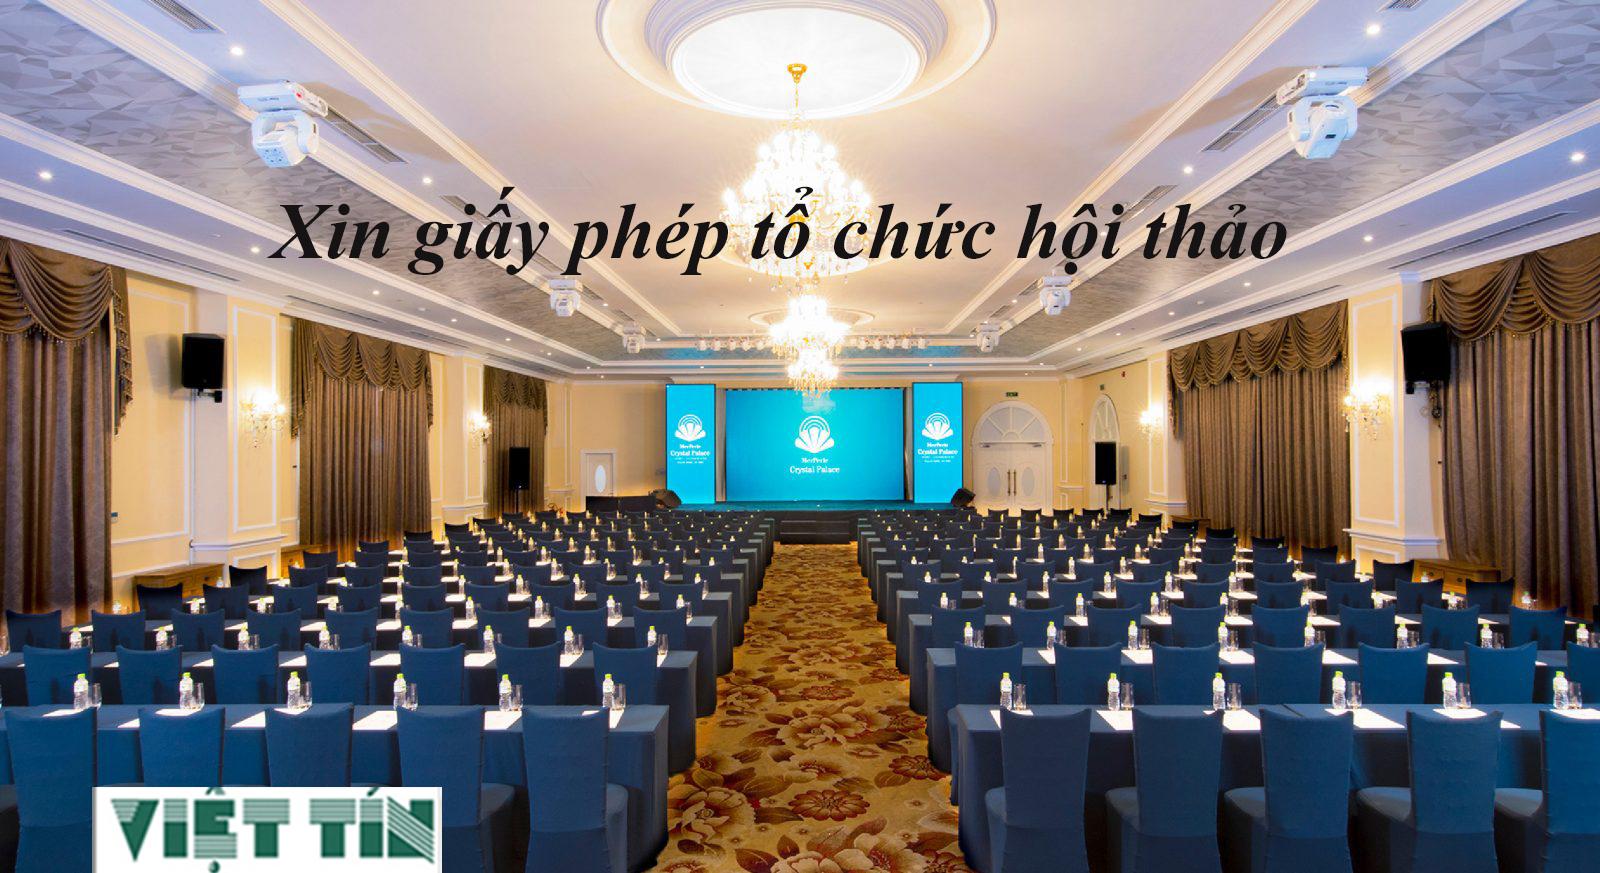 Xin giấy phép hội thảo dễ dàng cùng Luật Việt Tín